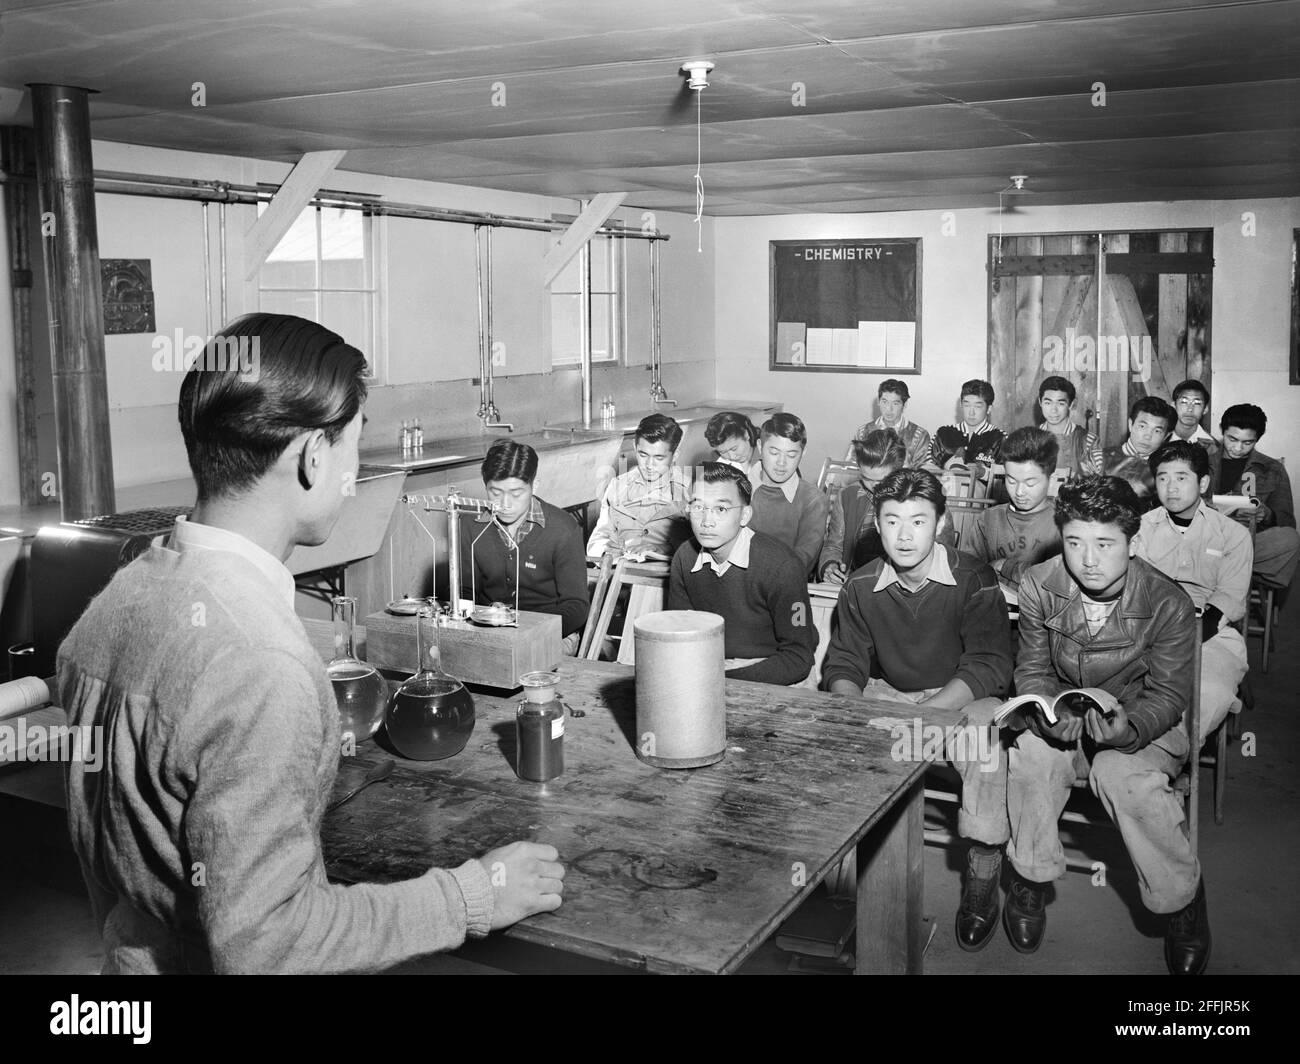 Étudiants japonais-américains assis dans la classe de chimie, Manzanar Relocation Center, Californie, Etats-Unis, Ansel Adams, Collection Manzanar War Relocation Centre, 1943 Banque D'Images